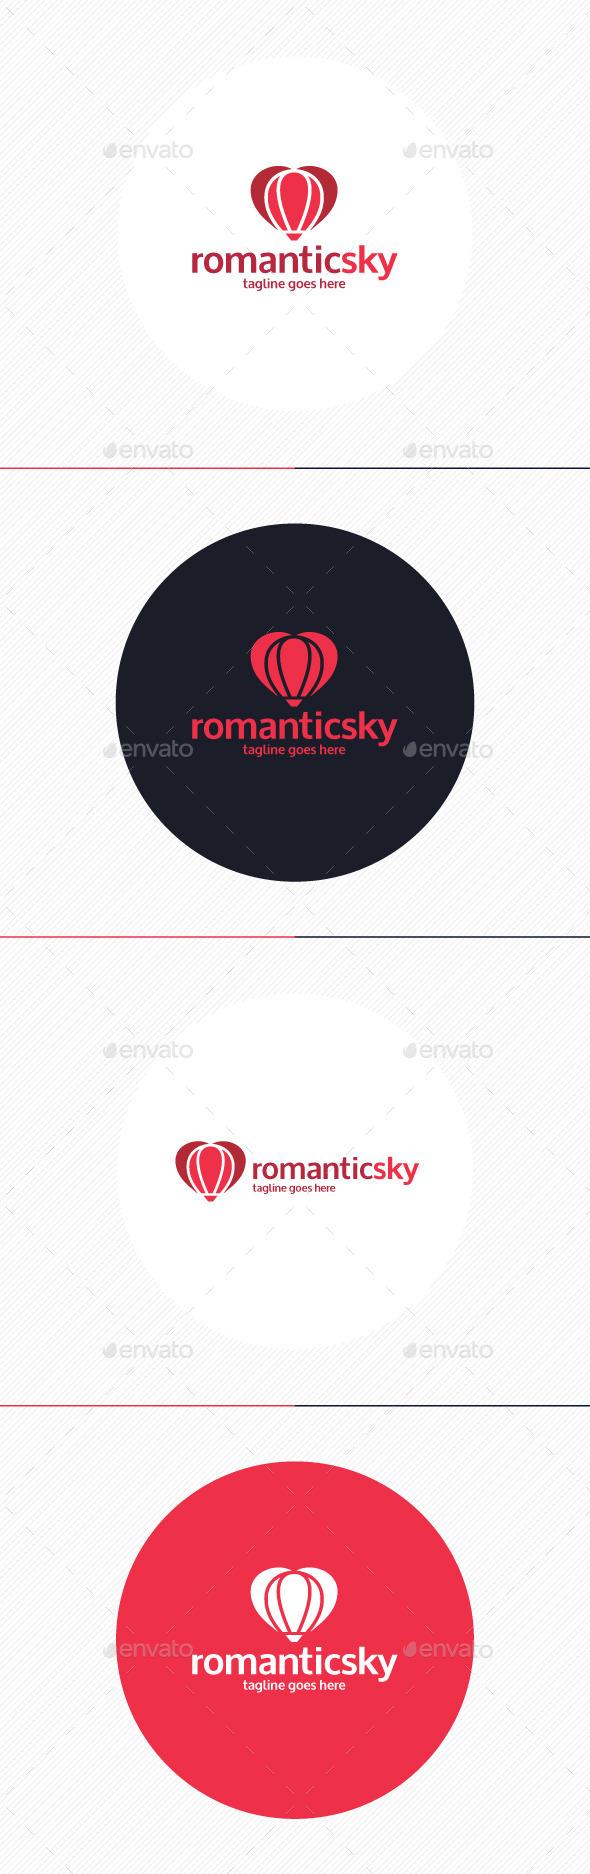 GraphicRiver Romantic Sky Logo 10932436